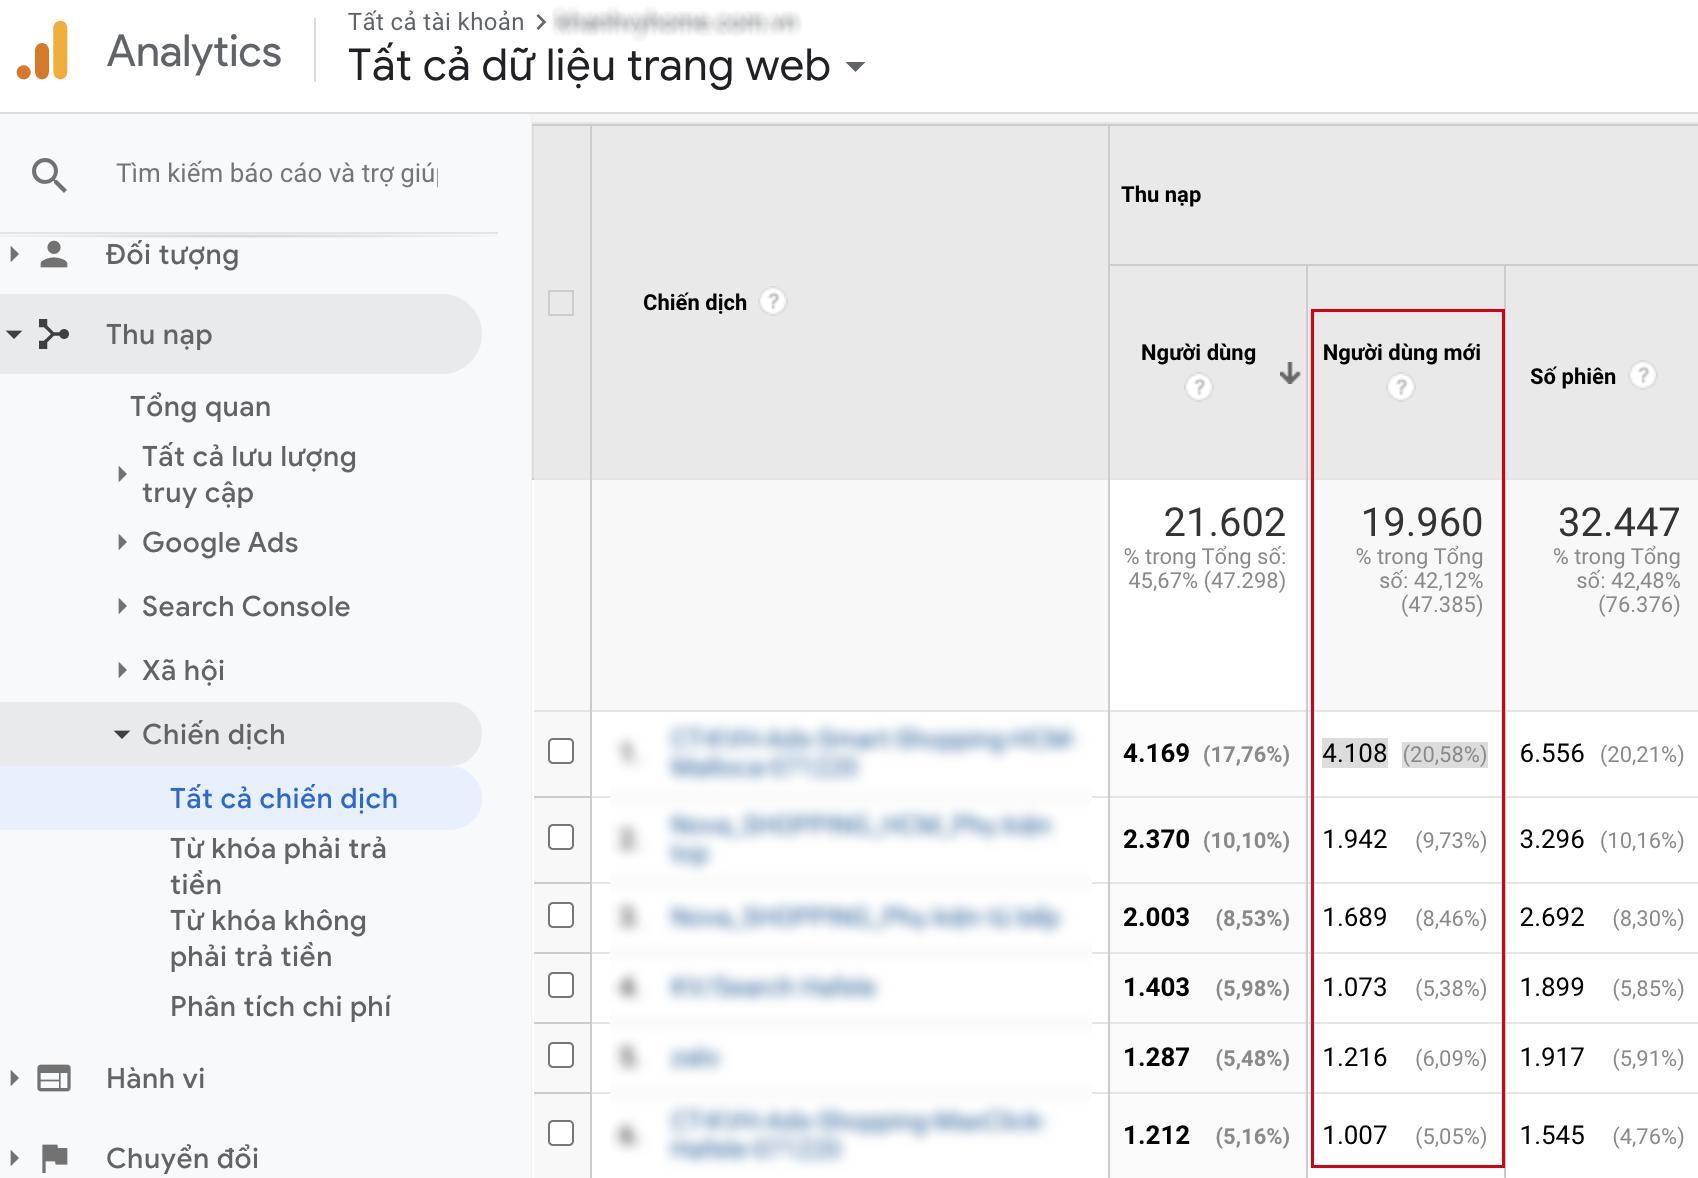 Xem trong Google Analytics để biết số liệu người dùng với người dùng mới